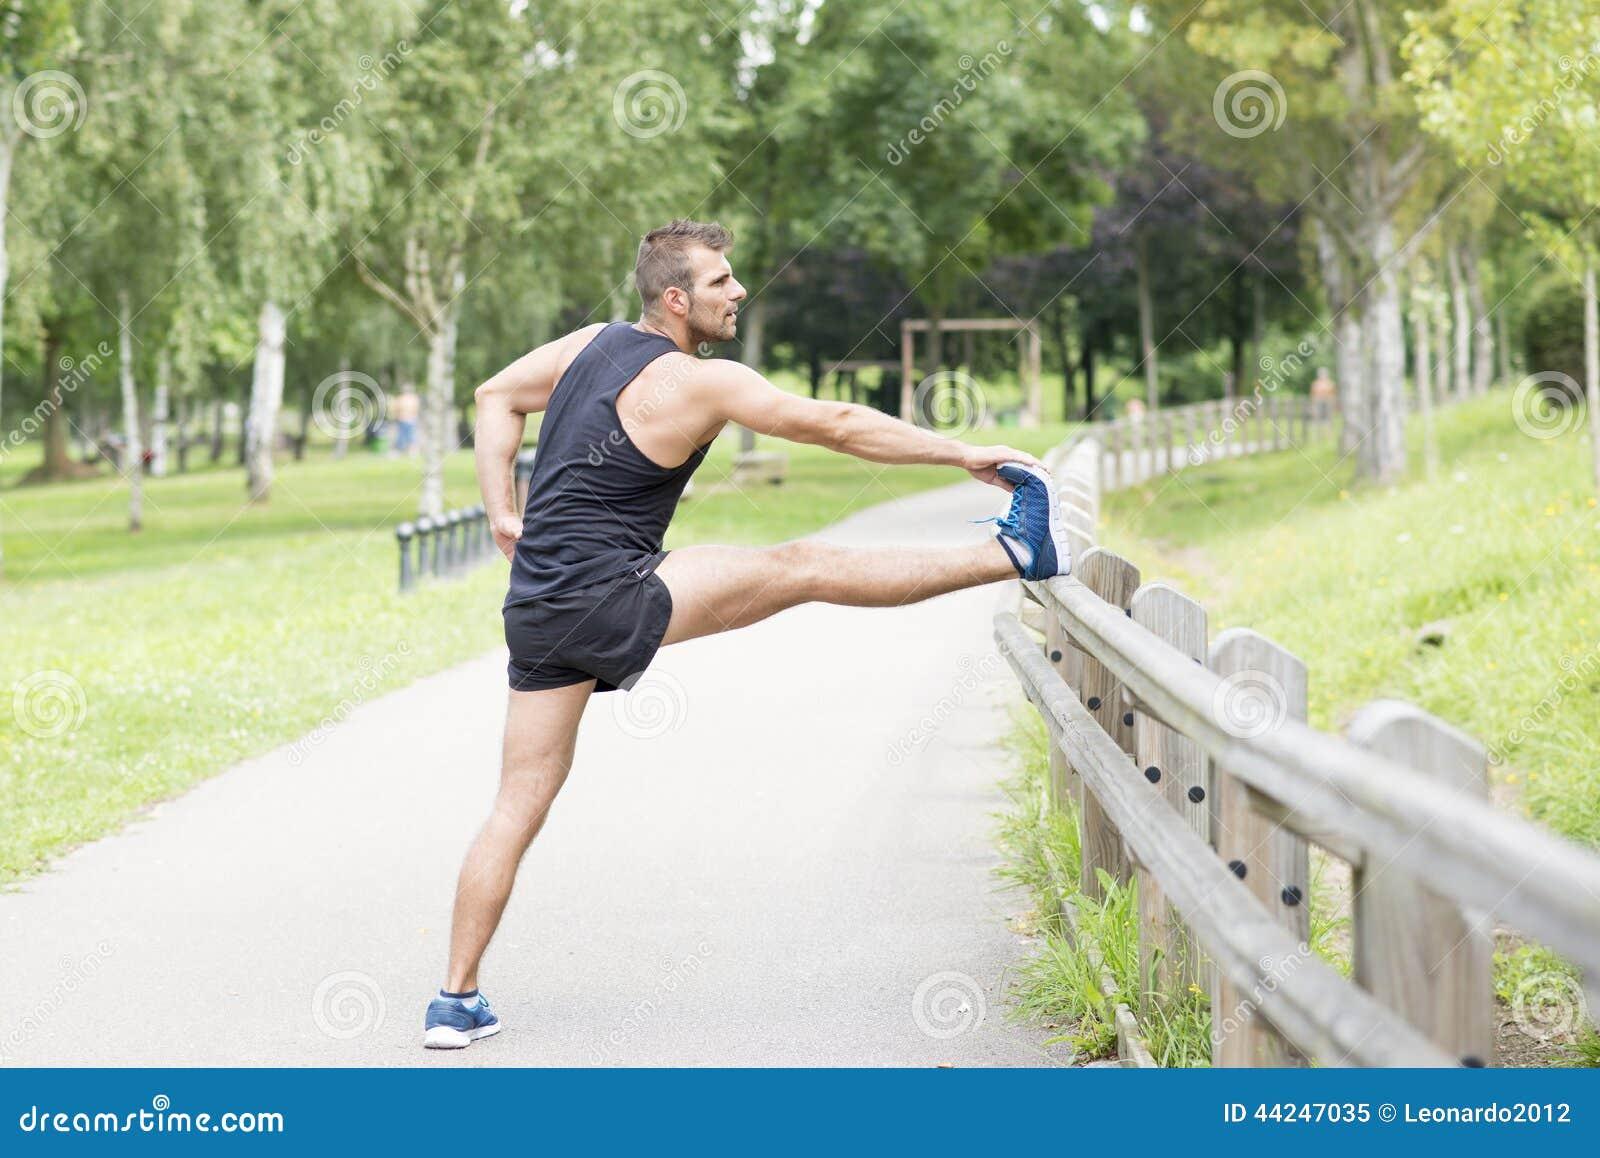 Hombre atlético que hace estiramientos antes de ejercitar, al aire libre